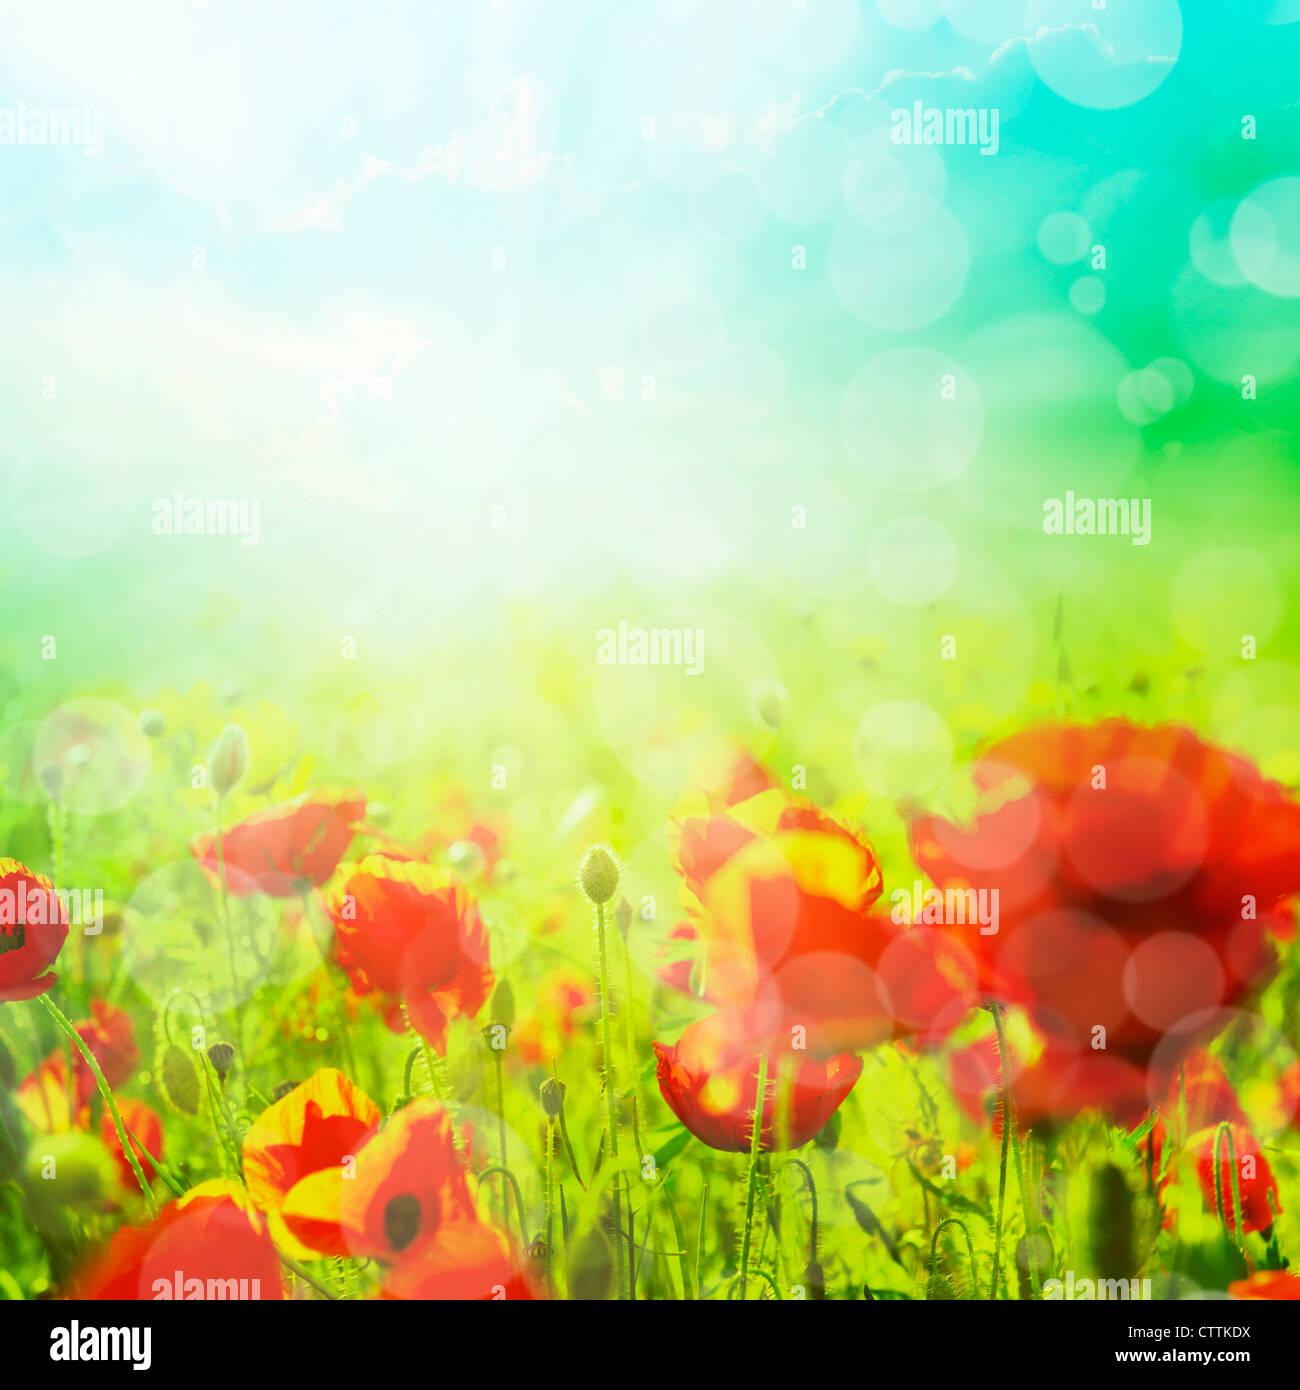 Campo estivo di mais fiori di papavero con bokeh di fondo Immagini Stock